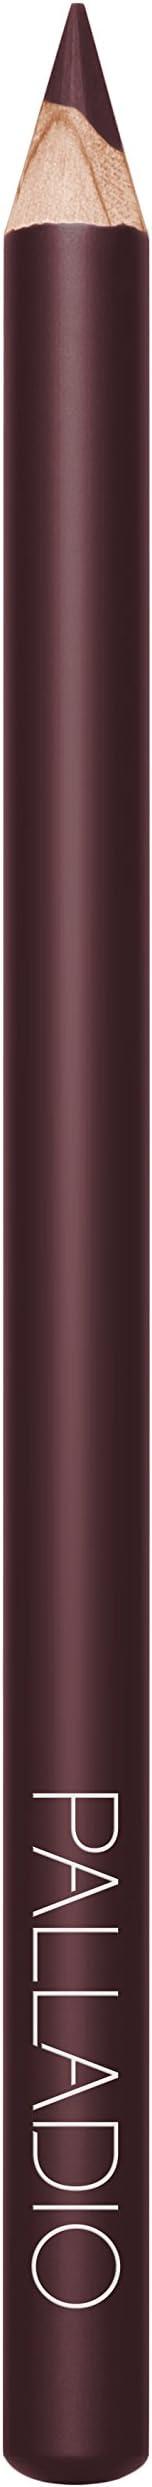 Palladio Lip Liner Pencil